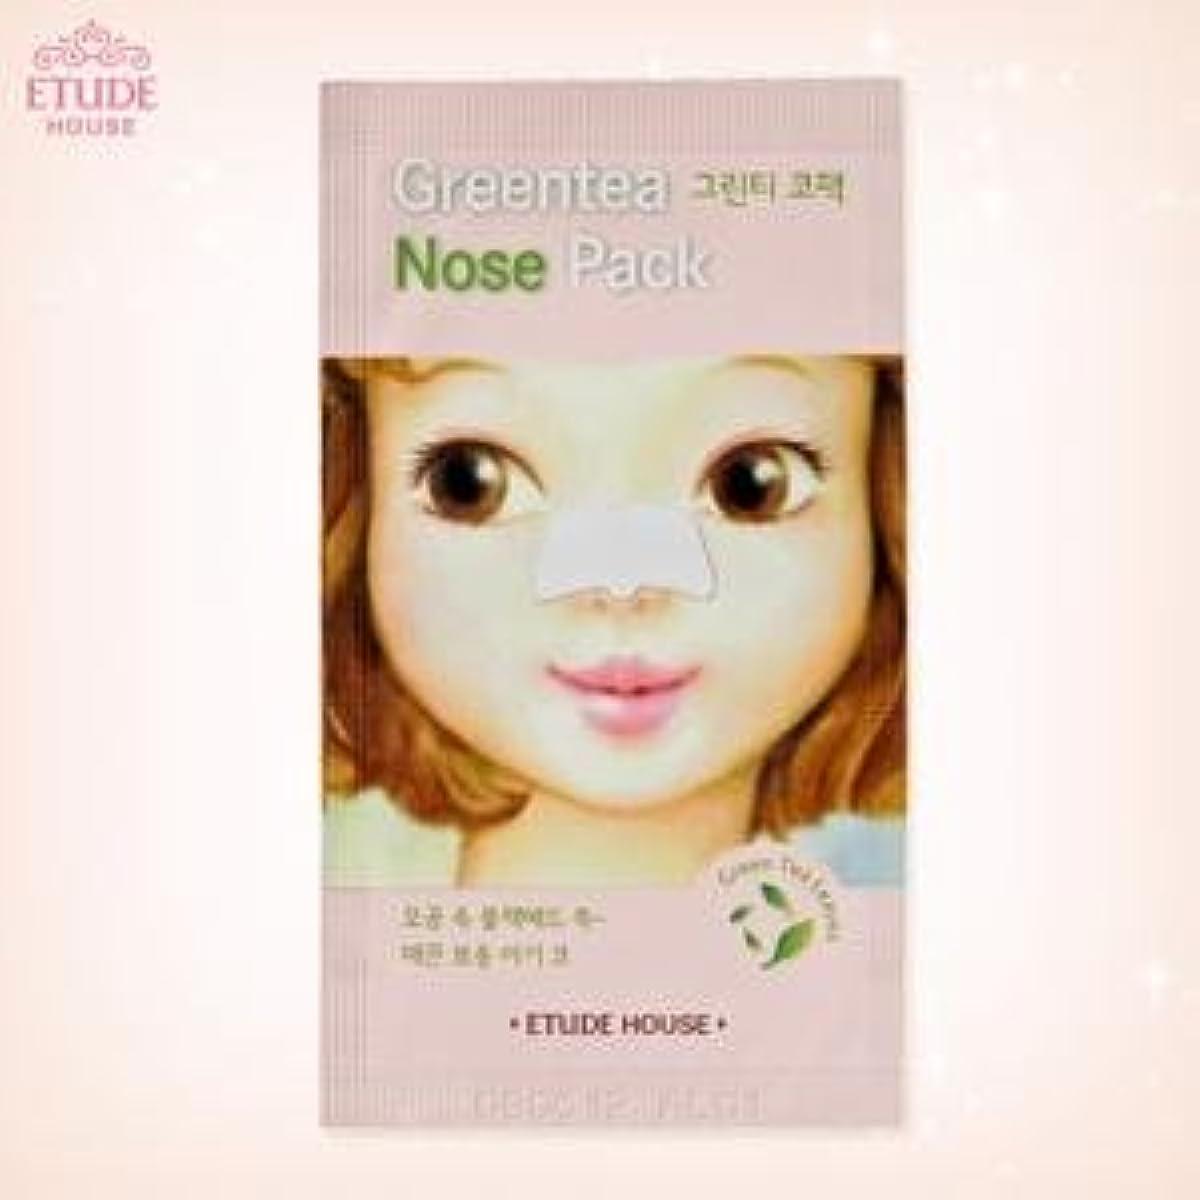 メルボルンセレナ衝動エチュードハウス グリーンティー ノーズパック[Greentea Nose Pack]鼻専用パック